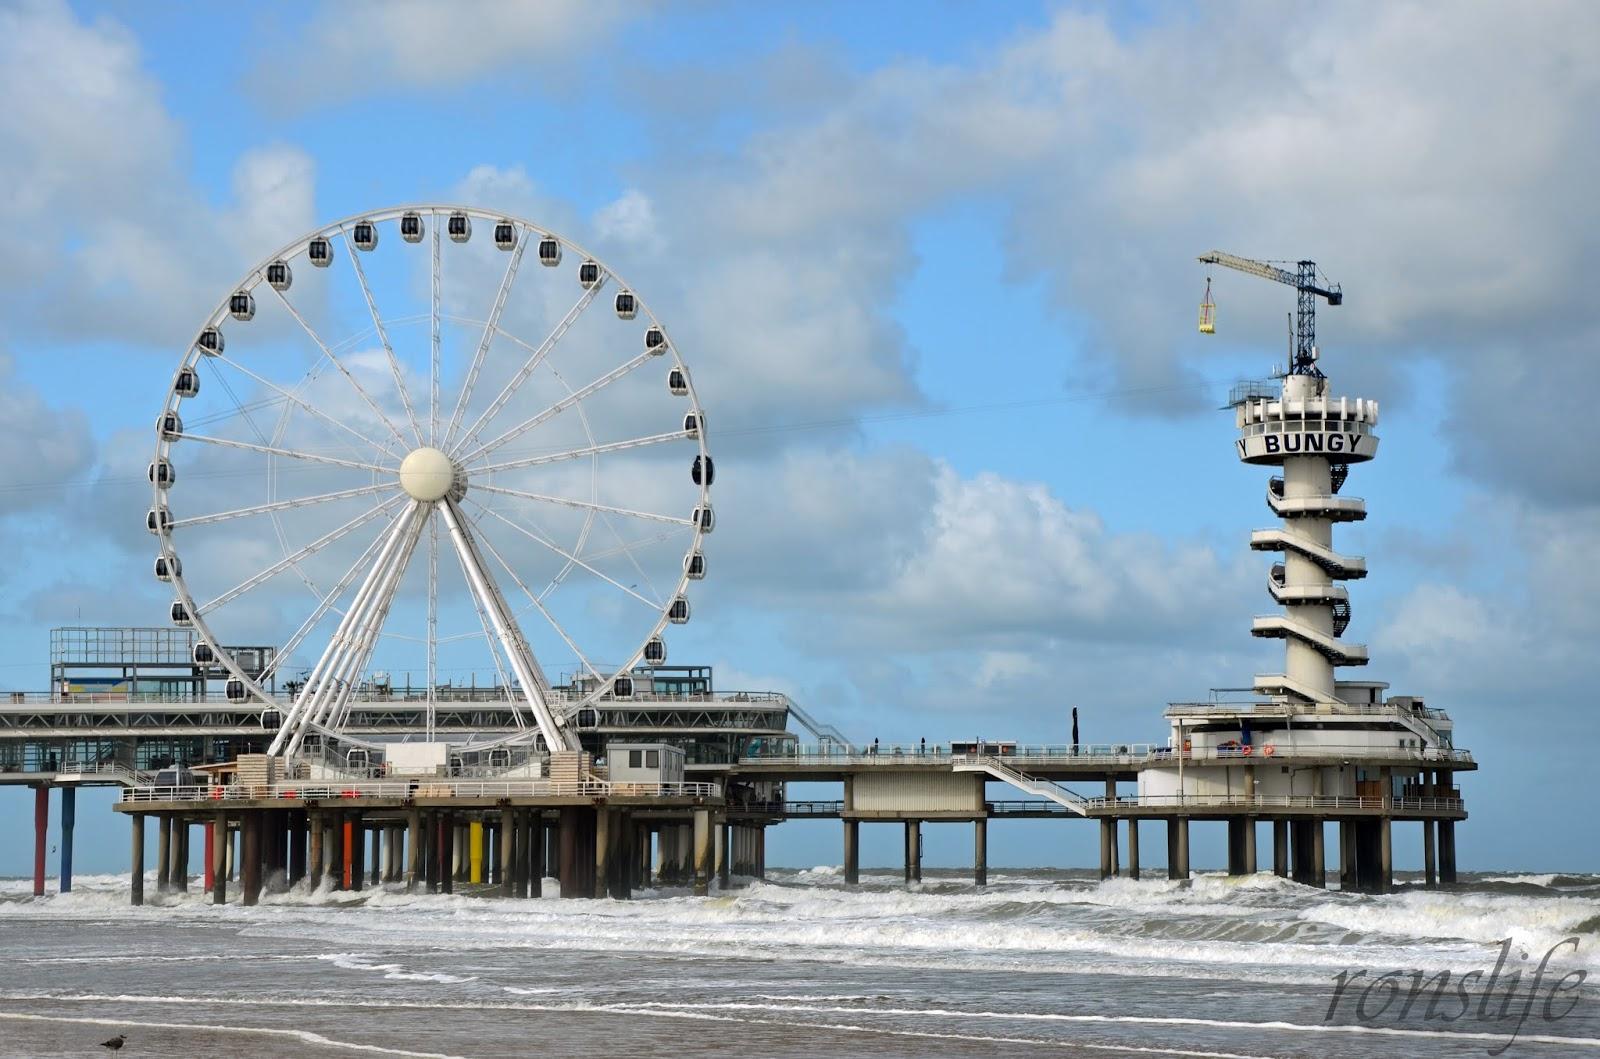 Reuzenrad op de Pier